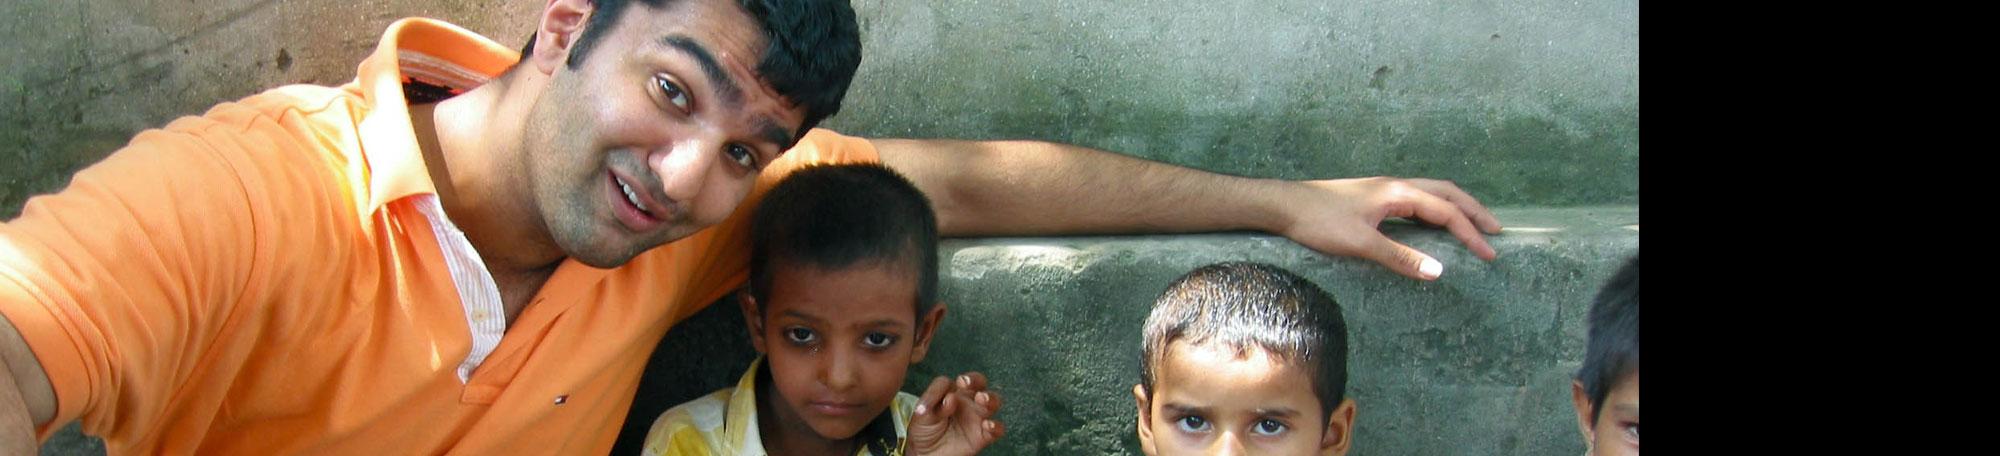 Vivek Taparia, AB'03